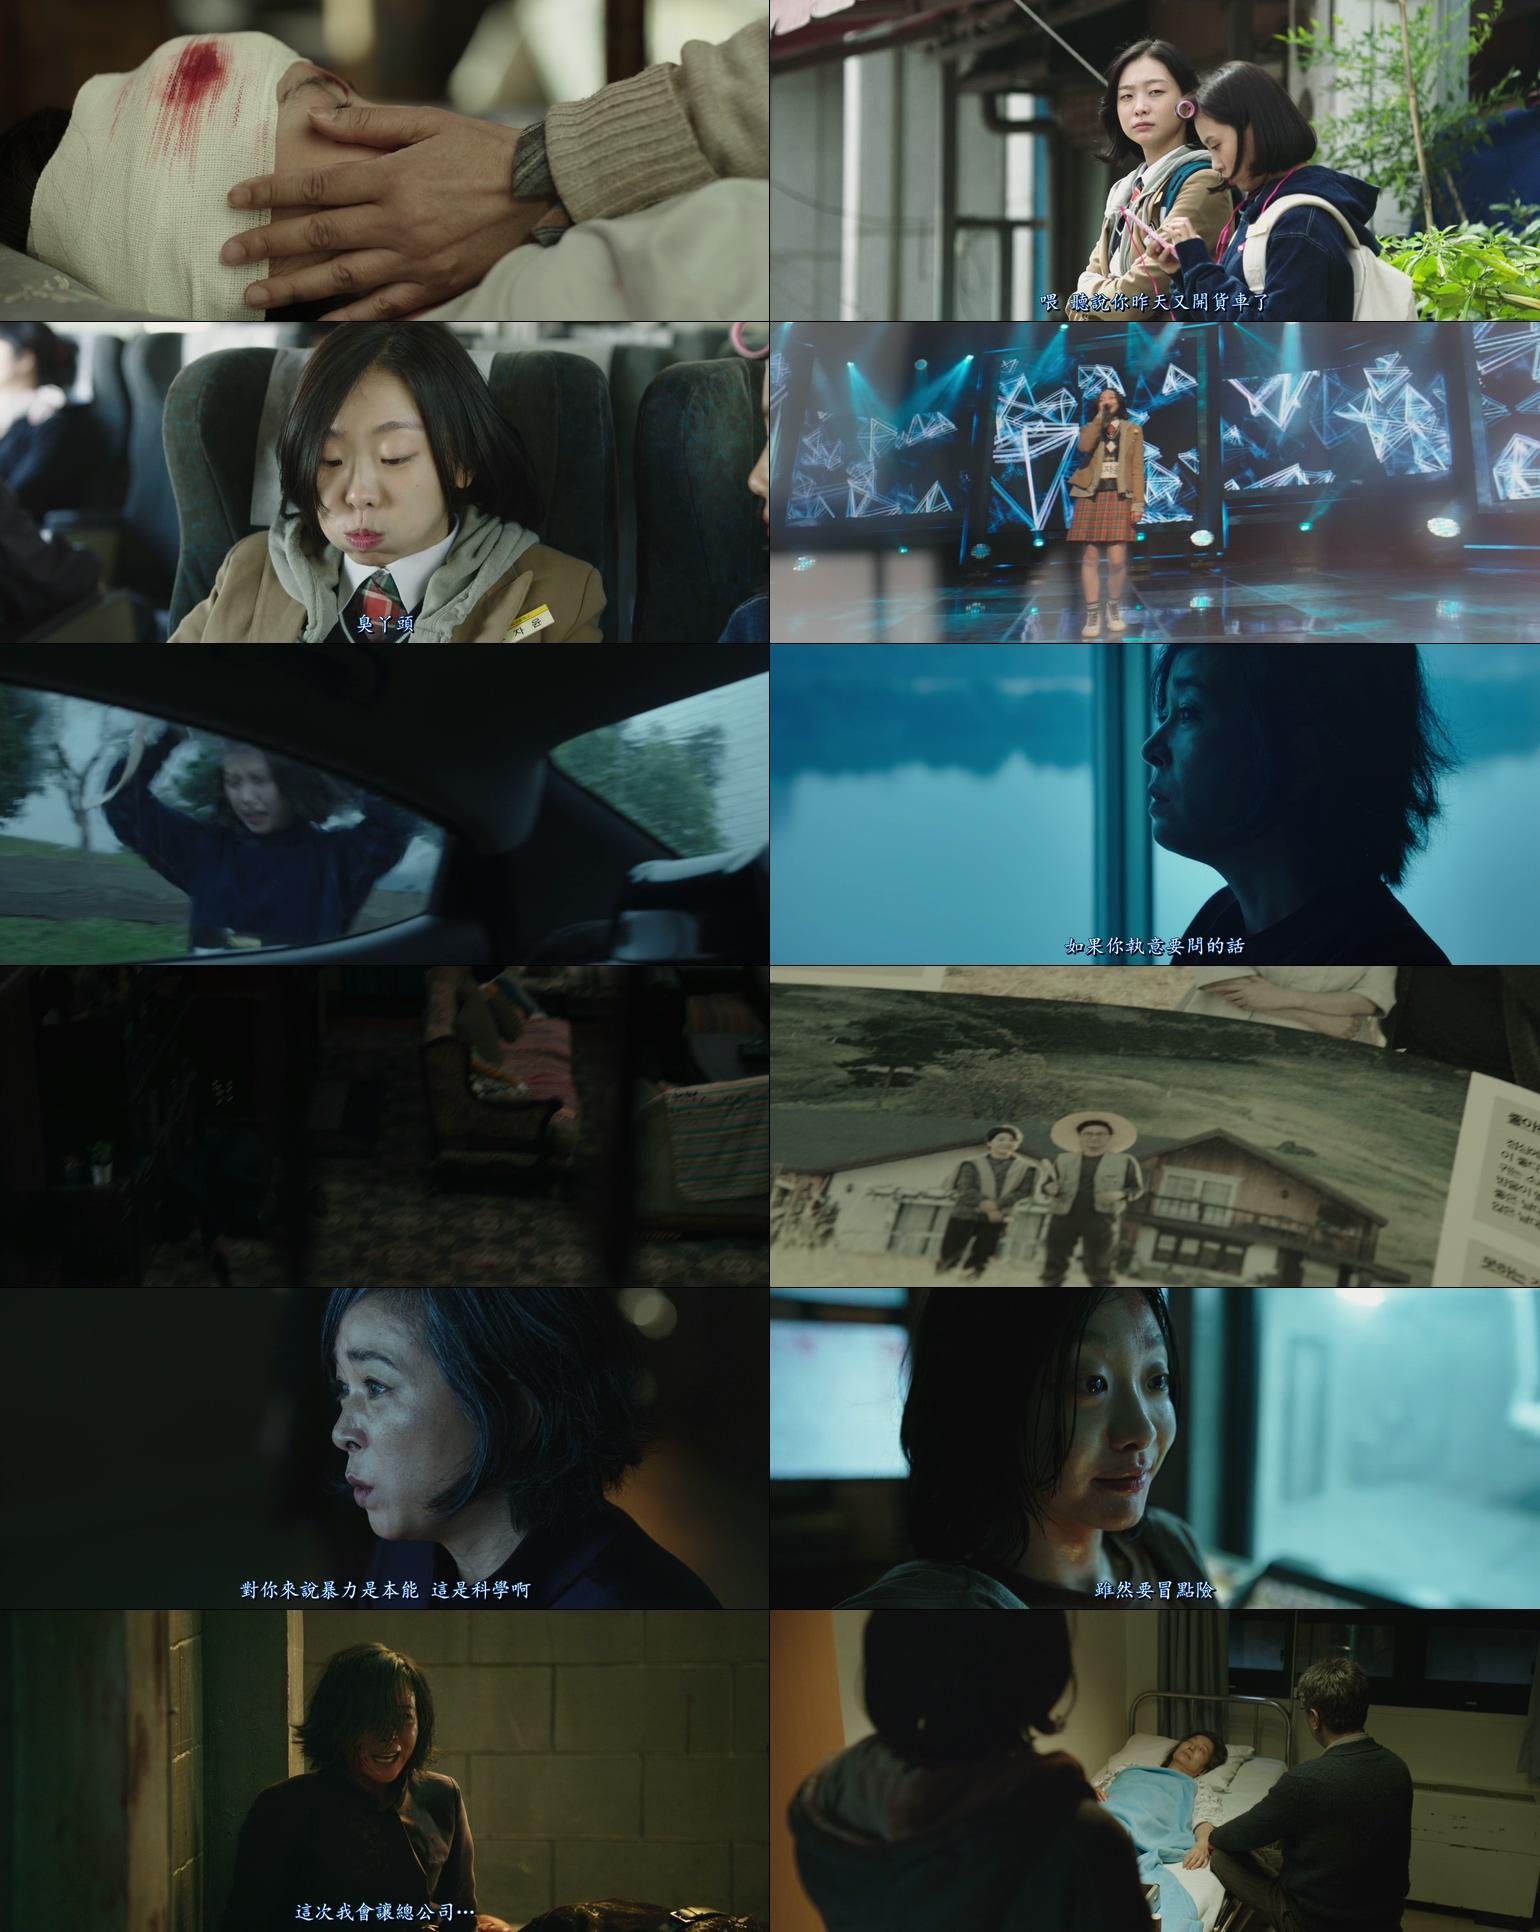 這邊是[韓] 魔女/魔女首部曲:誕生.2018.BD-720p/1080p[MKV@2.4G@繁簡]圖片的自定義alt信息;546965,728105,haokuku,19